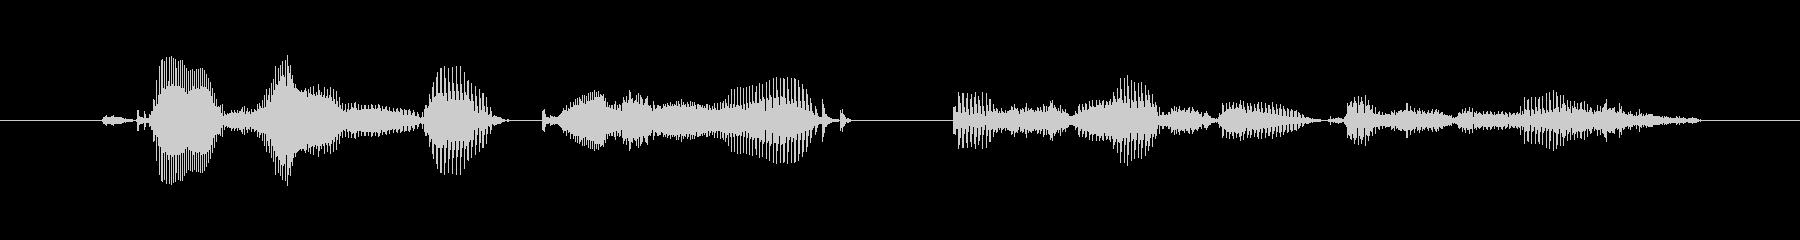 【時報・時間】午前6時を、お知らせいた…の未再生の波形